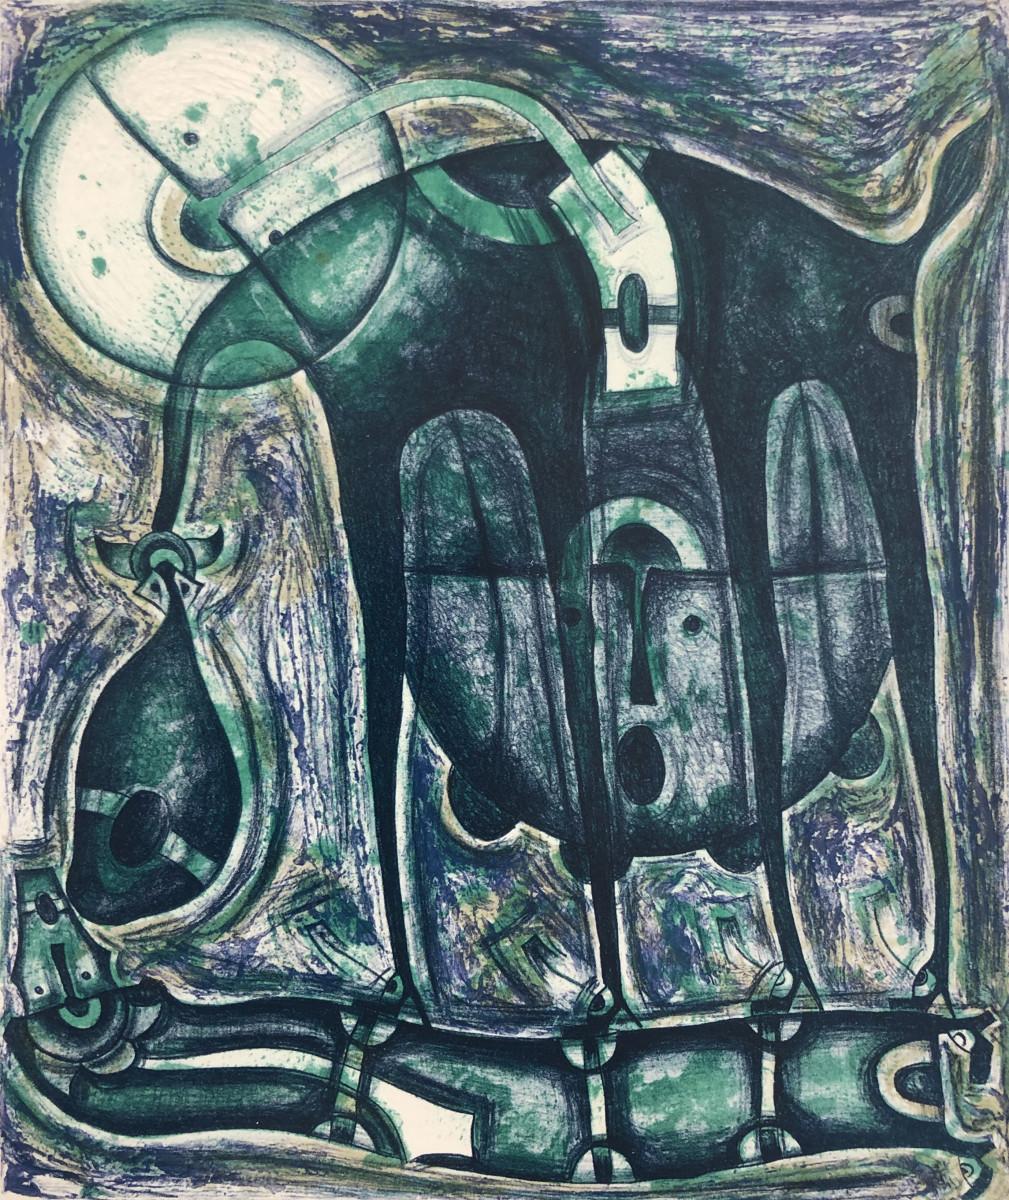 Rolando Rojas, El Beso de la Animala, 22 x 18.5 in.